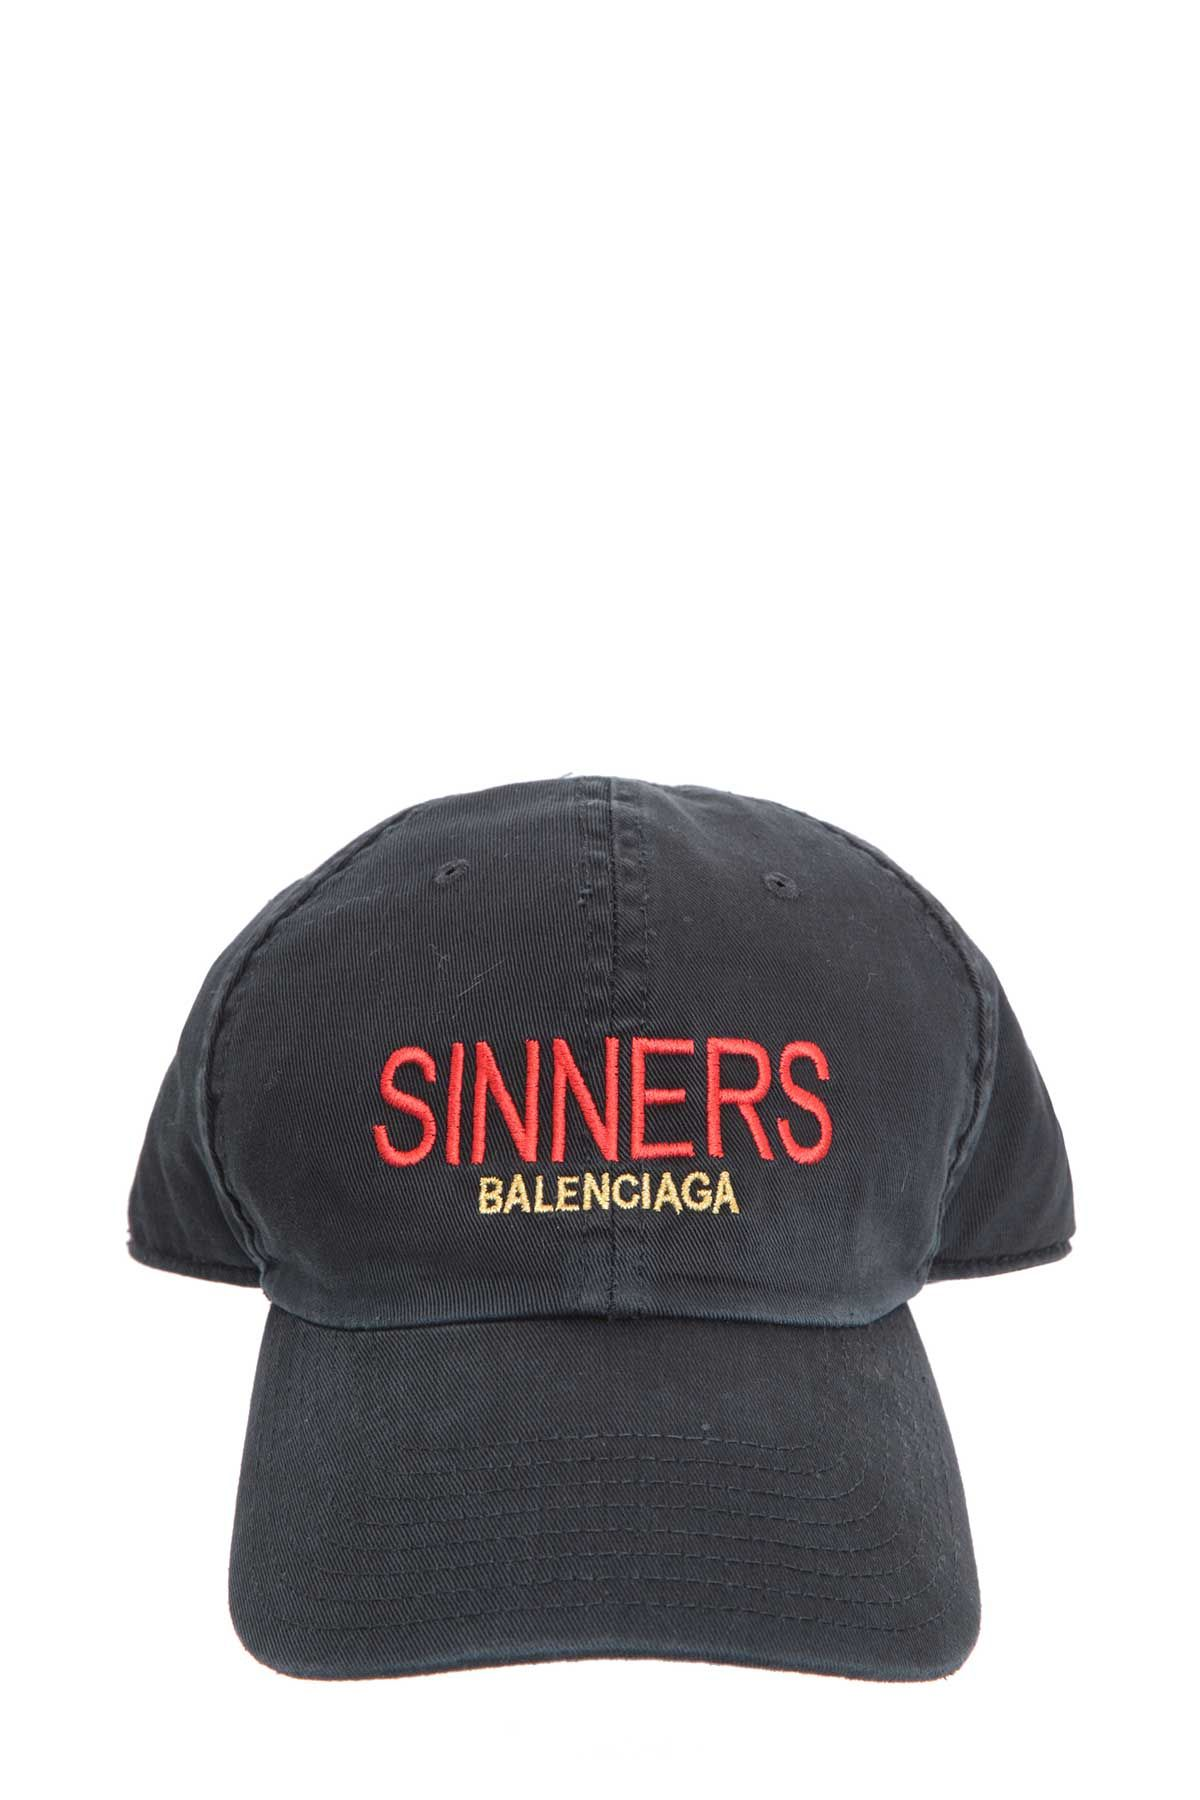 e2a2ed900833d BALENCIAGA SINNERS BASEBALL CAP.  balenciaga